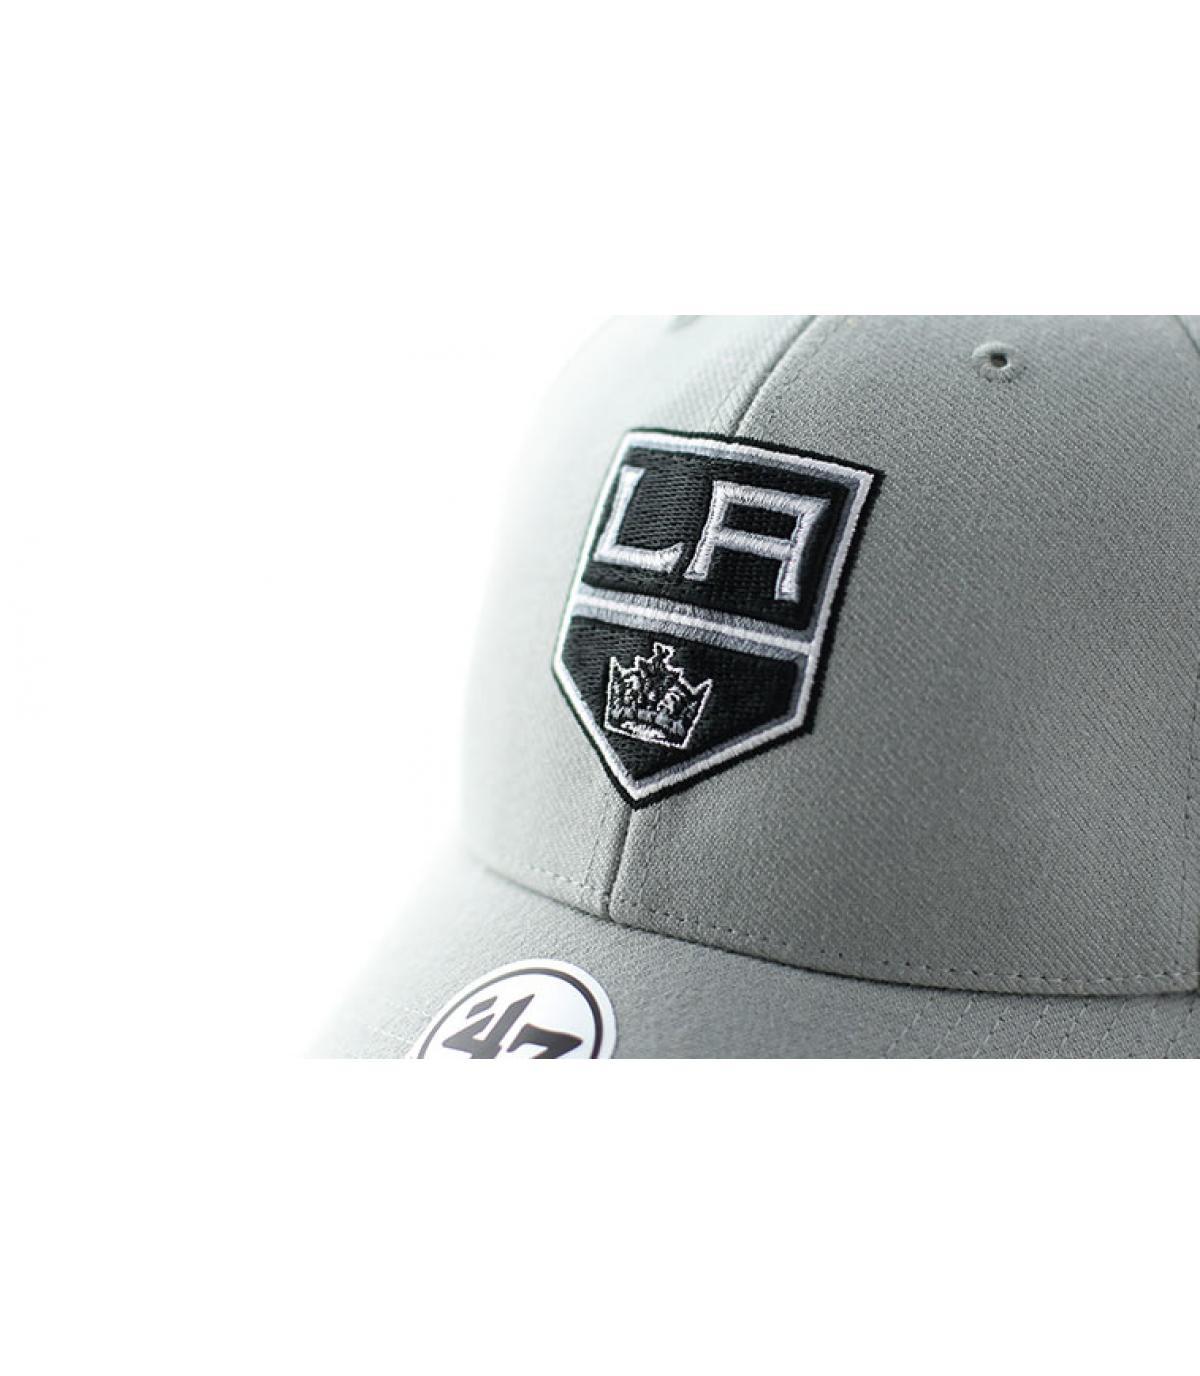 Détails MVP LA Kings grey - image 3